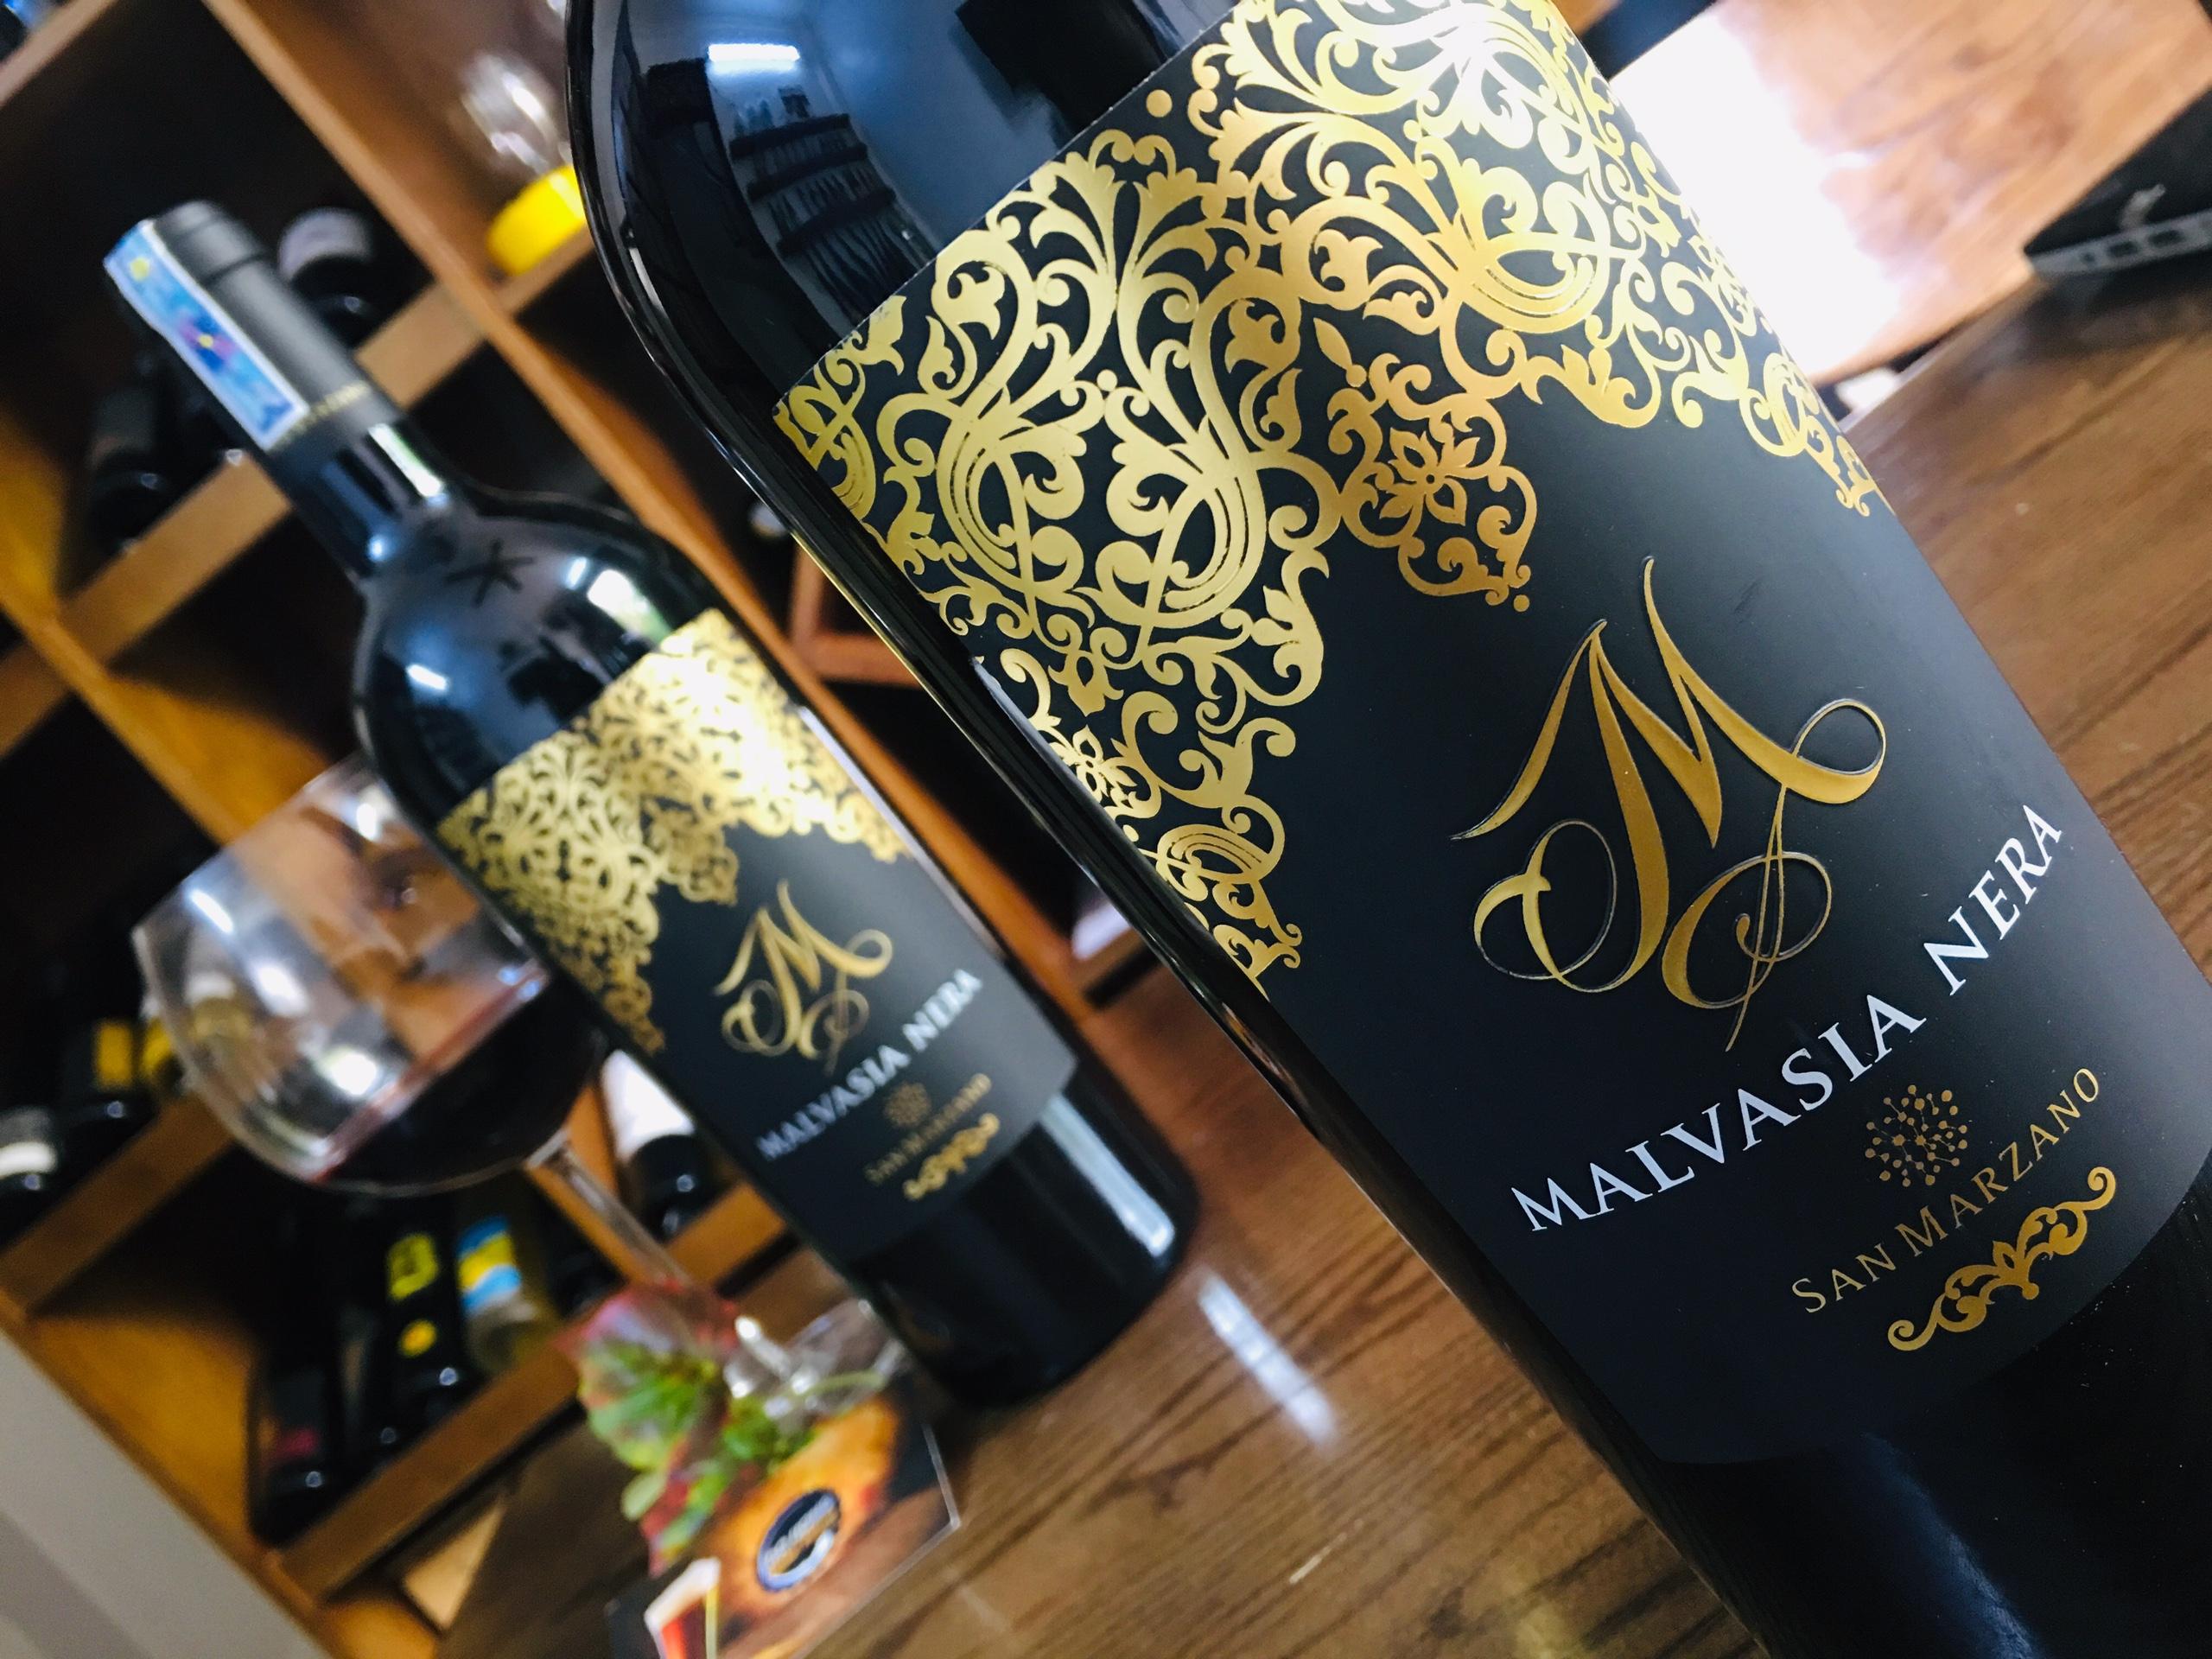 VangM Malvasia Nera nhận được nhiều đánh giá tốt từ các chuyên gia